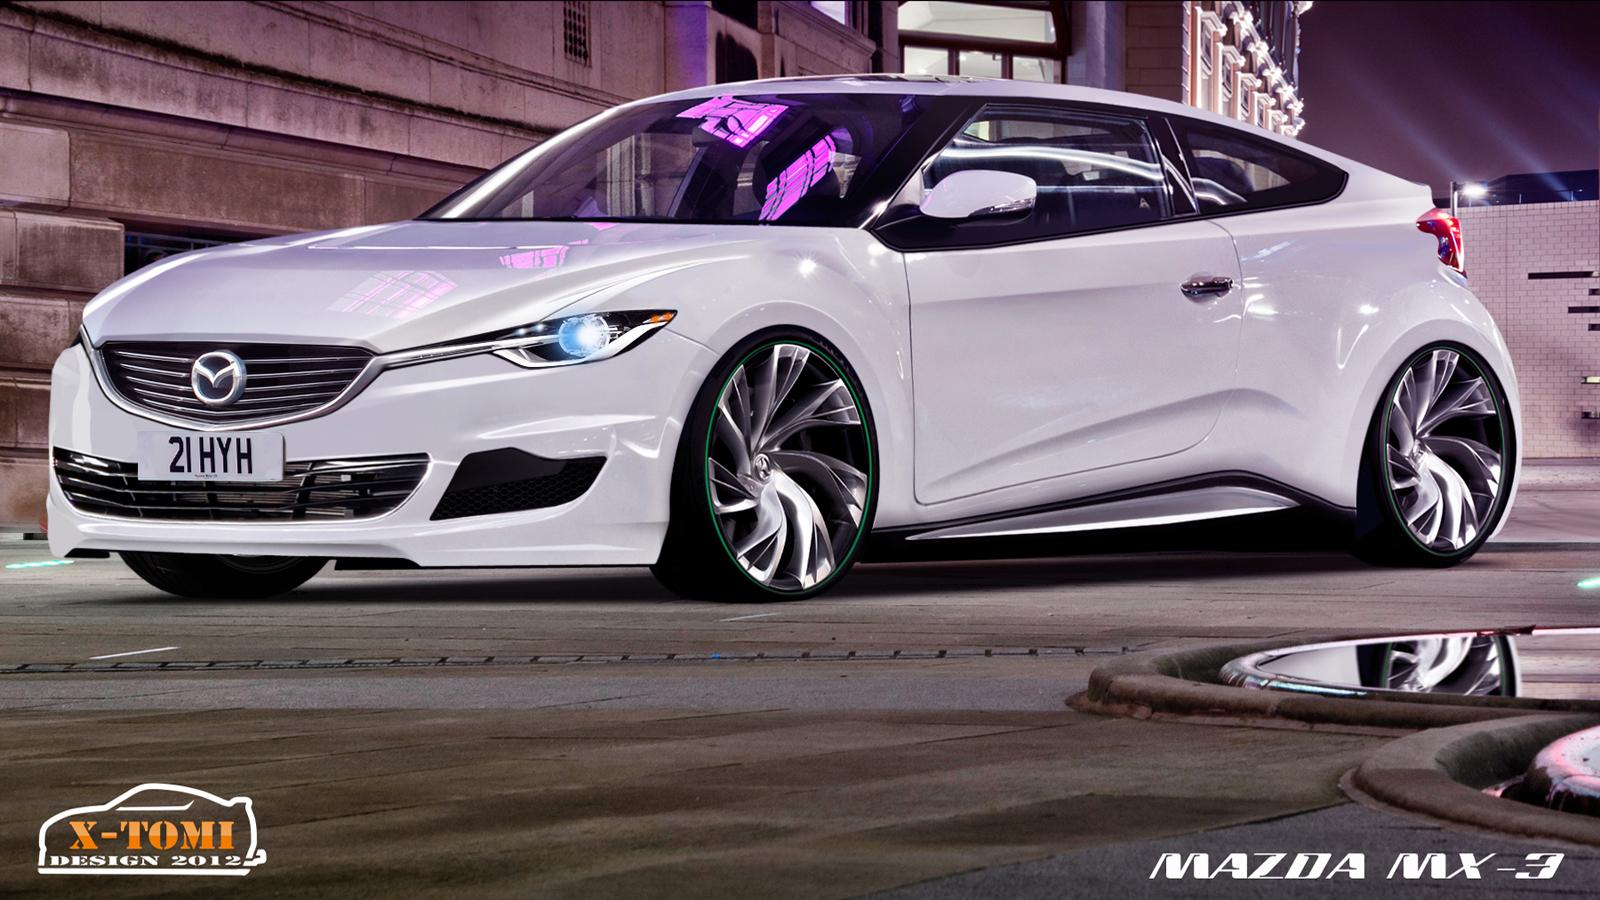 X Tomi Design 2012